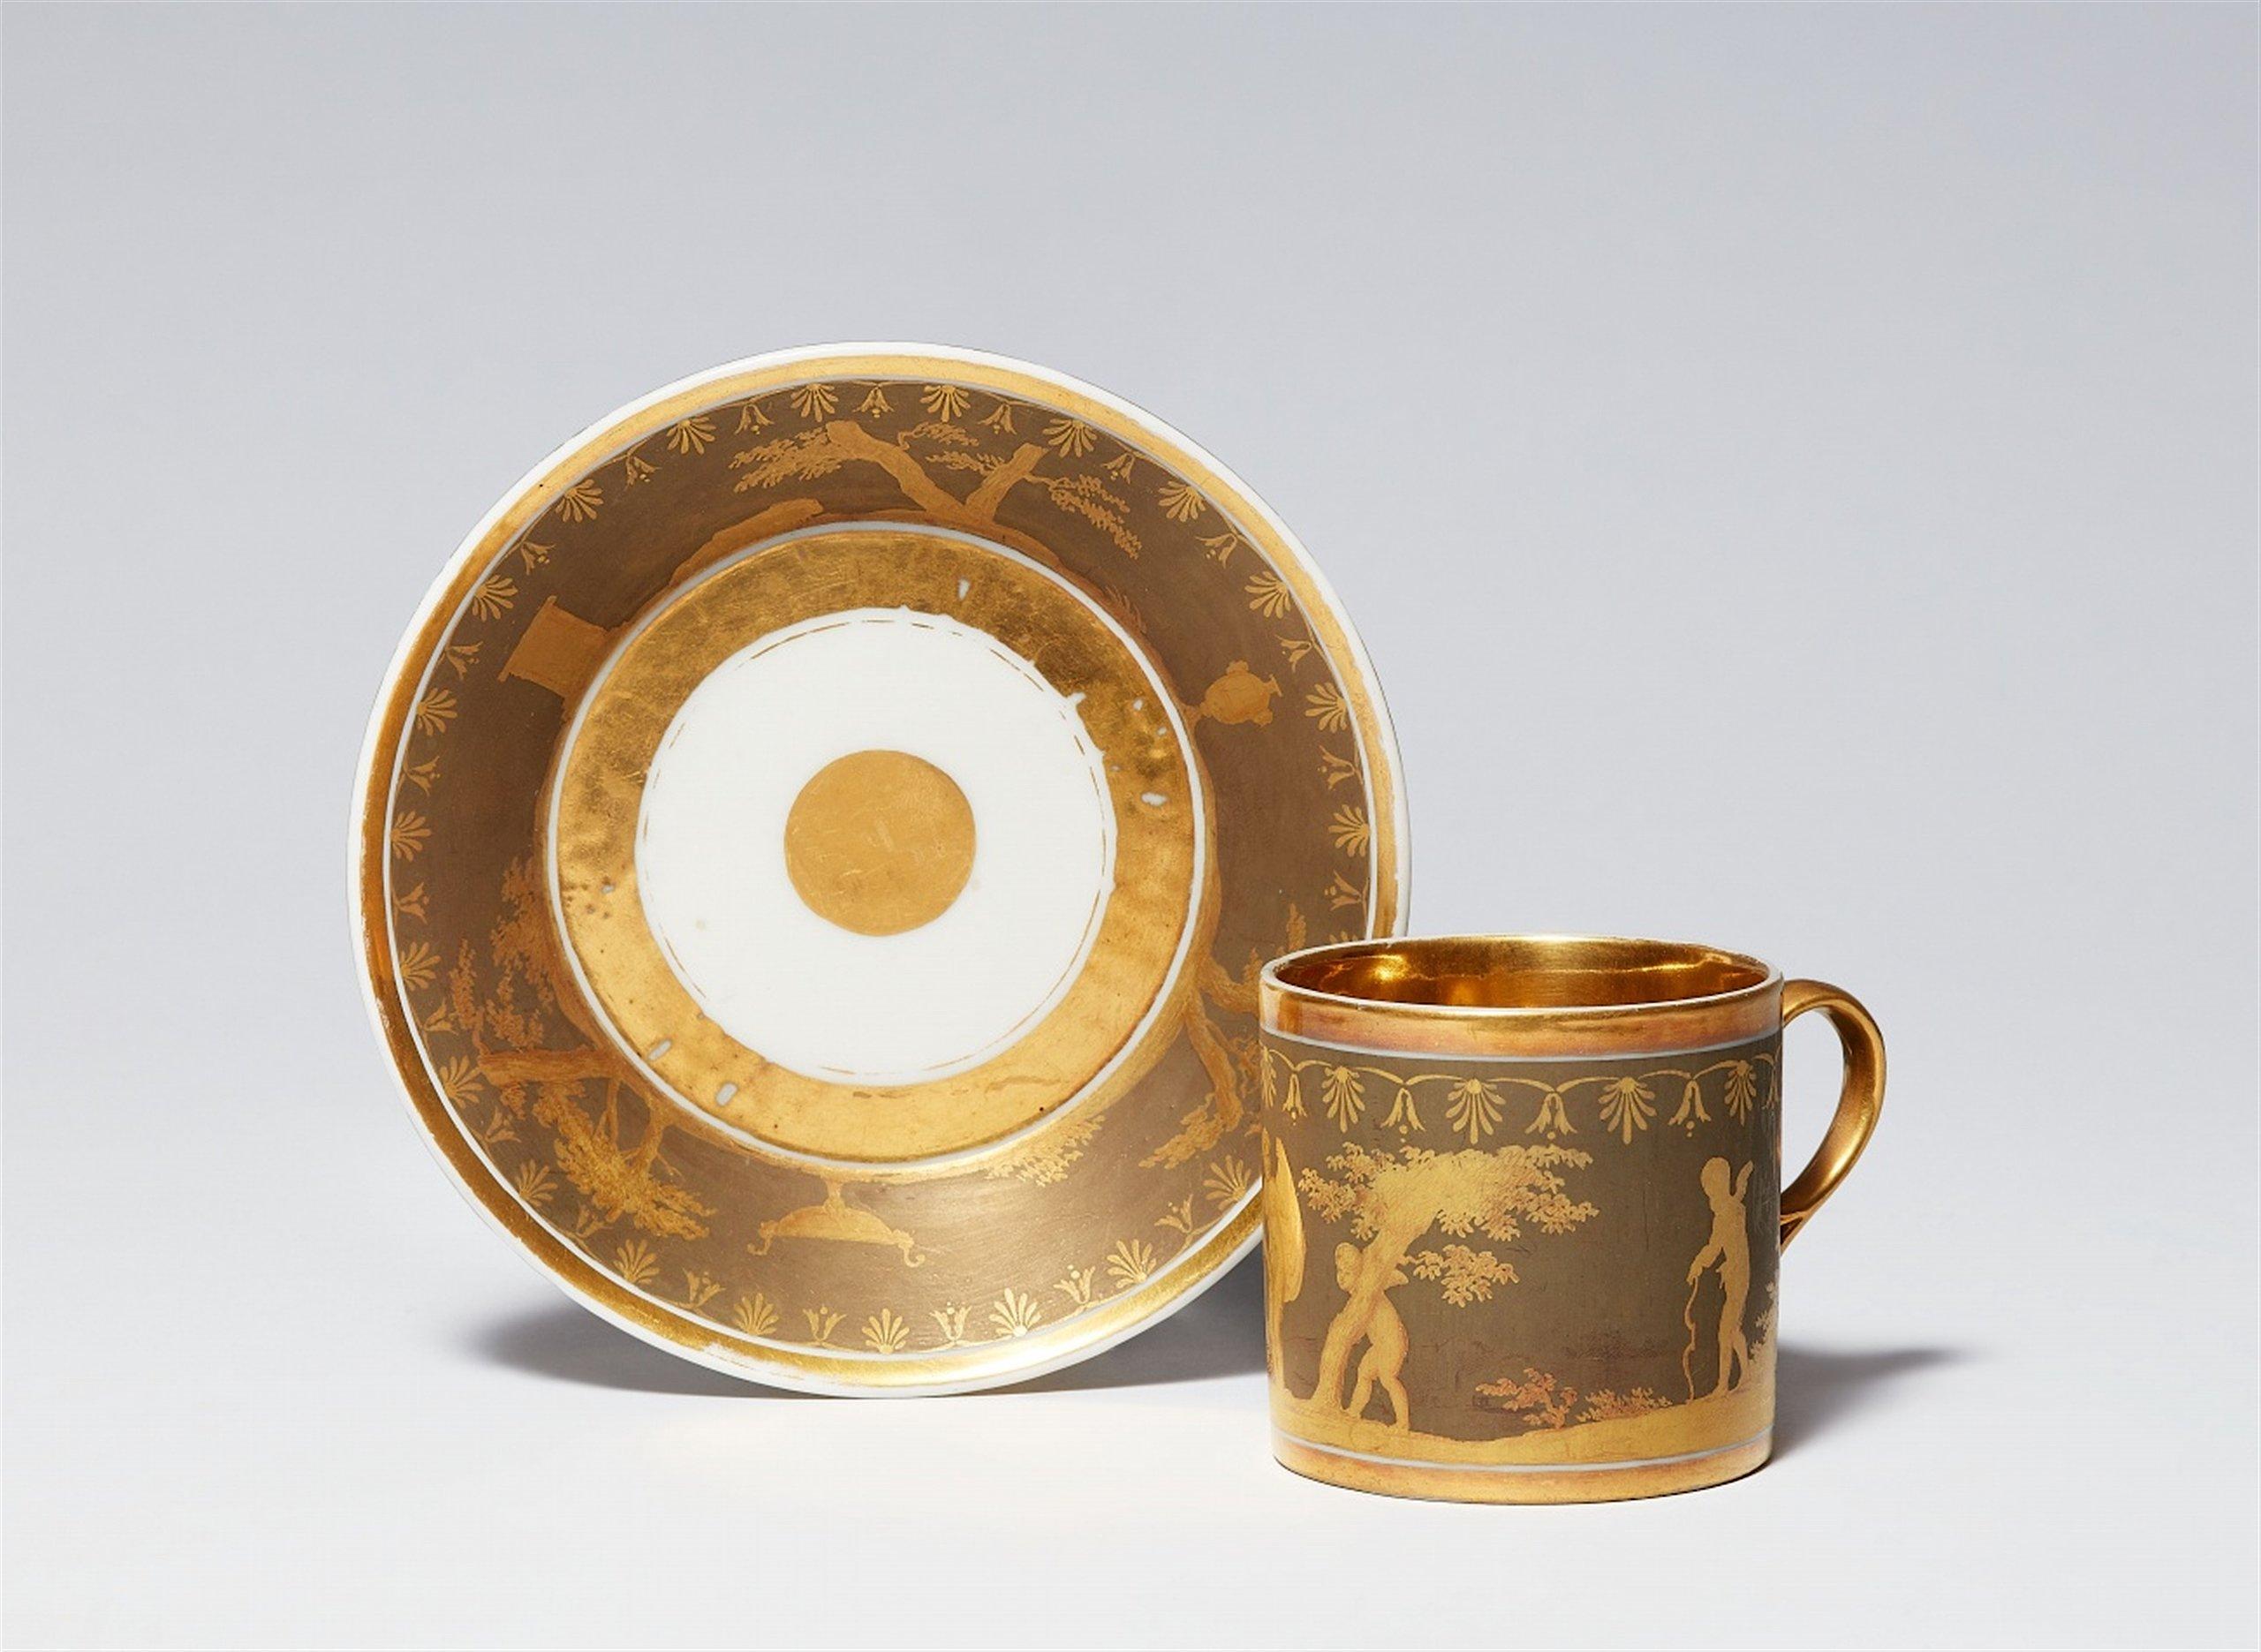 Tasse en porcelaine et sa soucoupe, Paris, fin XVIIIe, attribuée à La Courtille, image © Lempertz